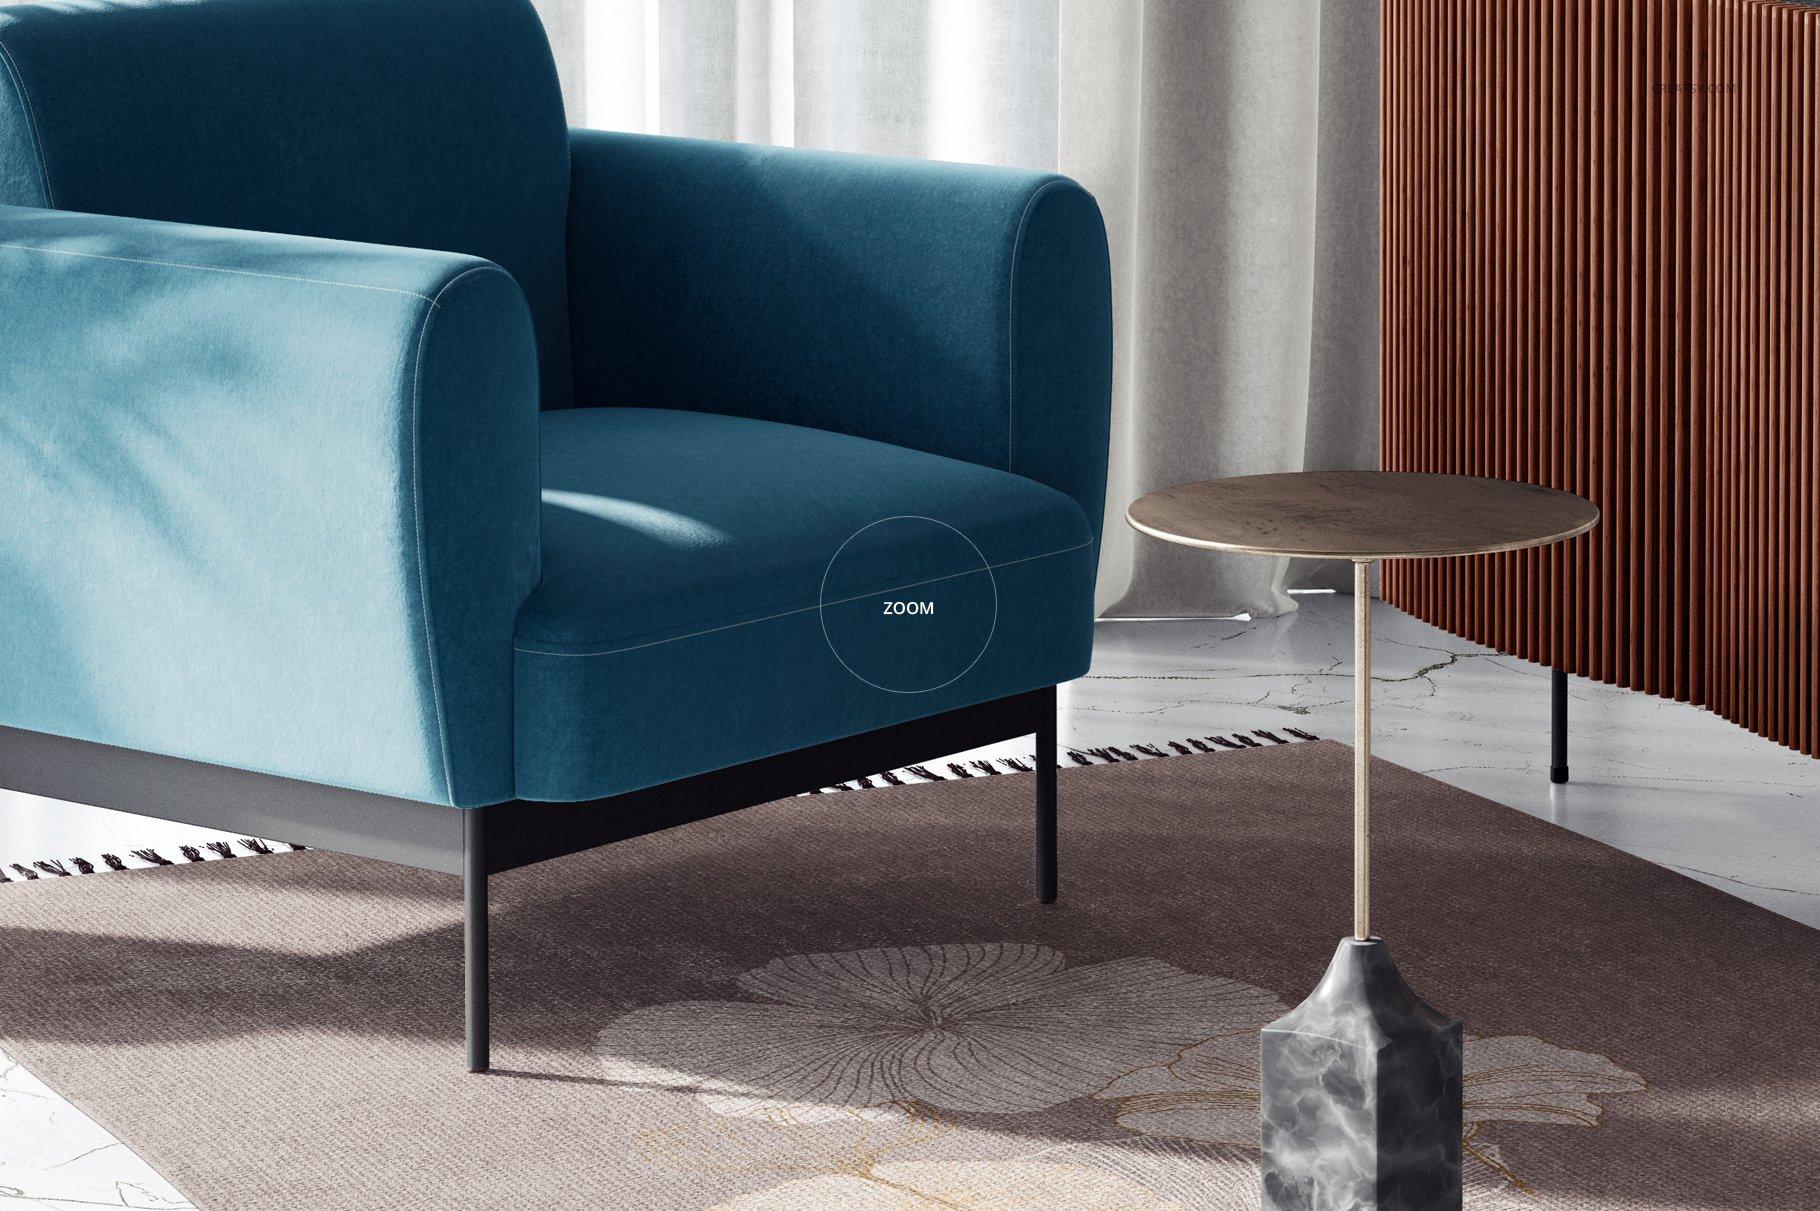 时尚室内沙发印花图案设计贴图PSD样机模板 Interior Scene Mockup插图5